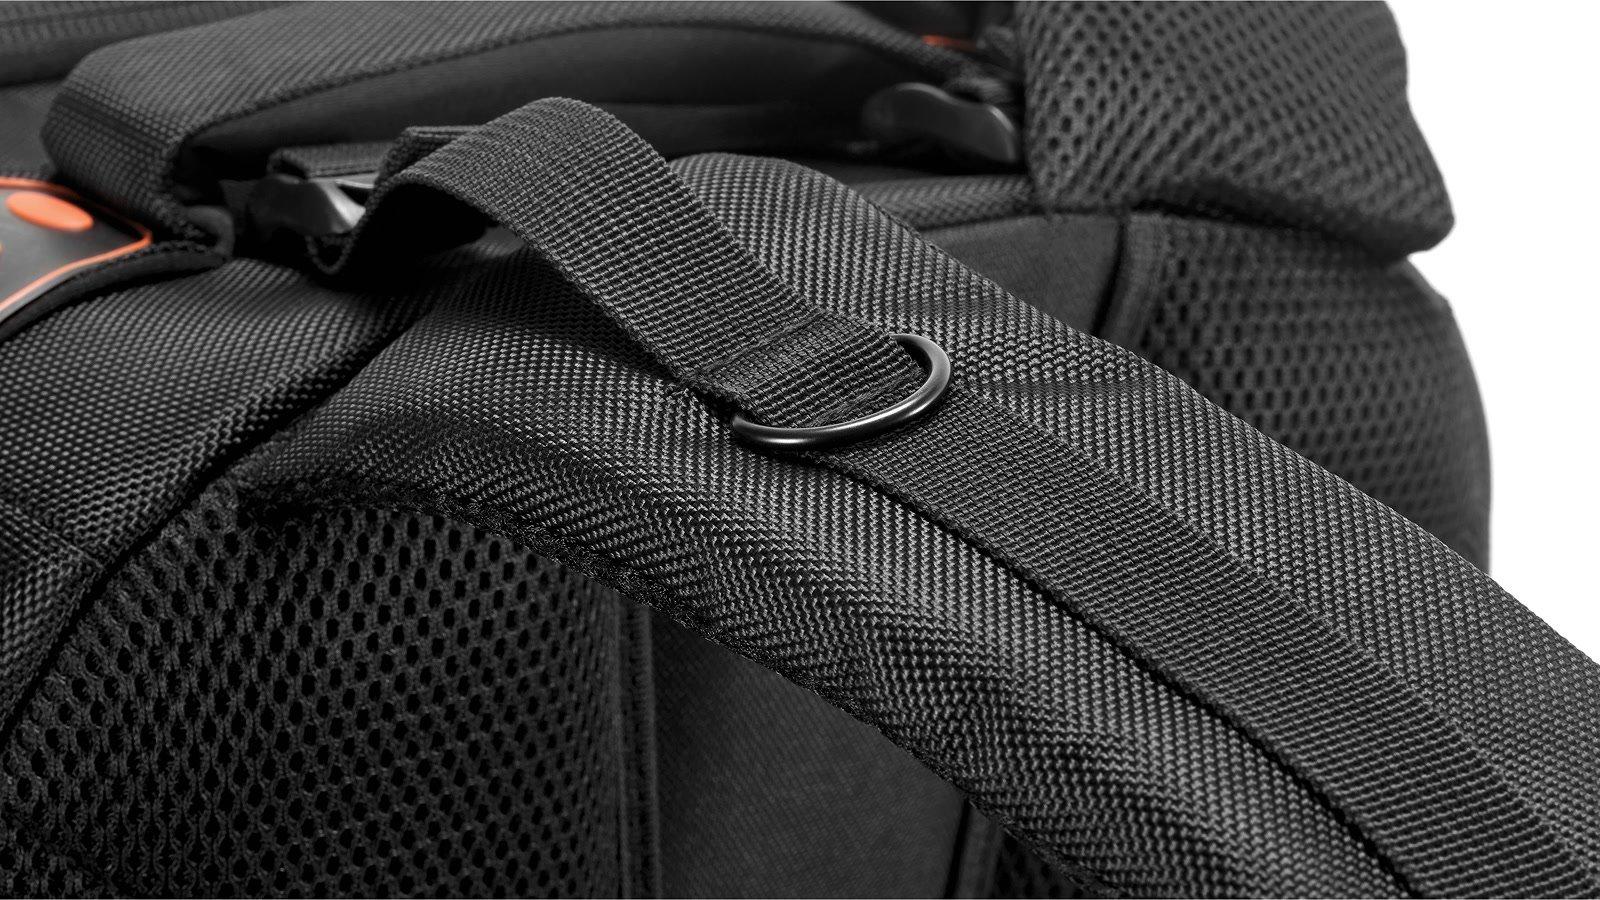 Regenschutz gehört zum Rucksack dazu.